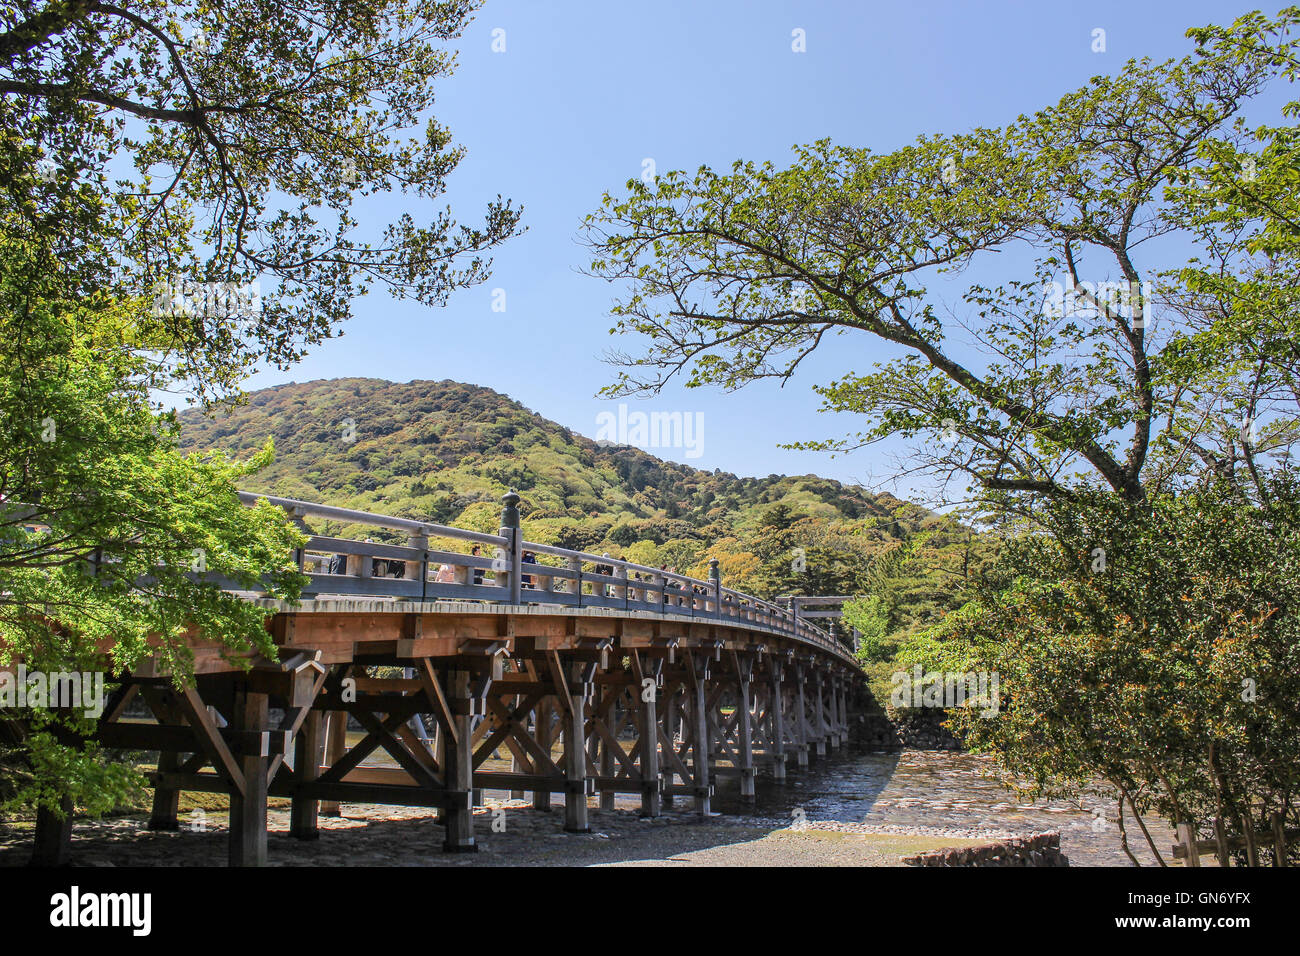 Uji Bridge of Ise Shrine, Ise, Japan - Stock Image